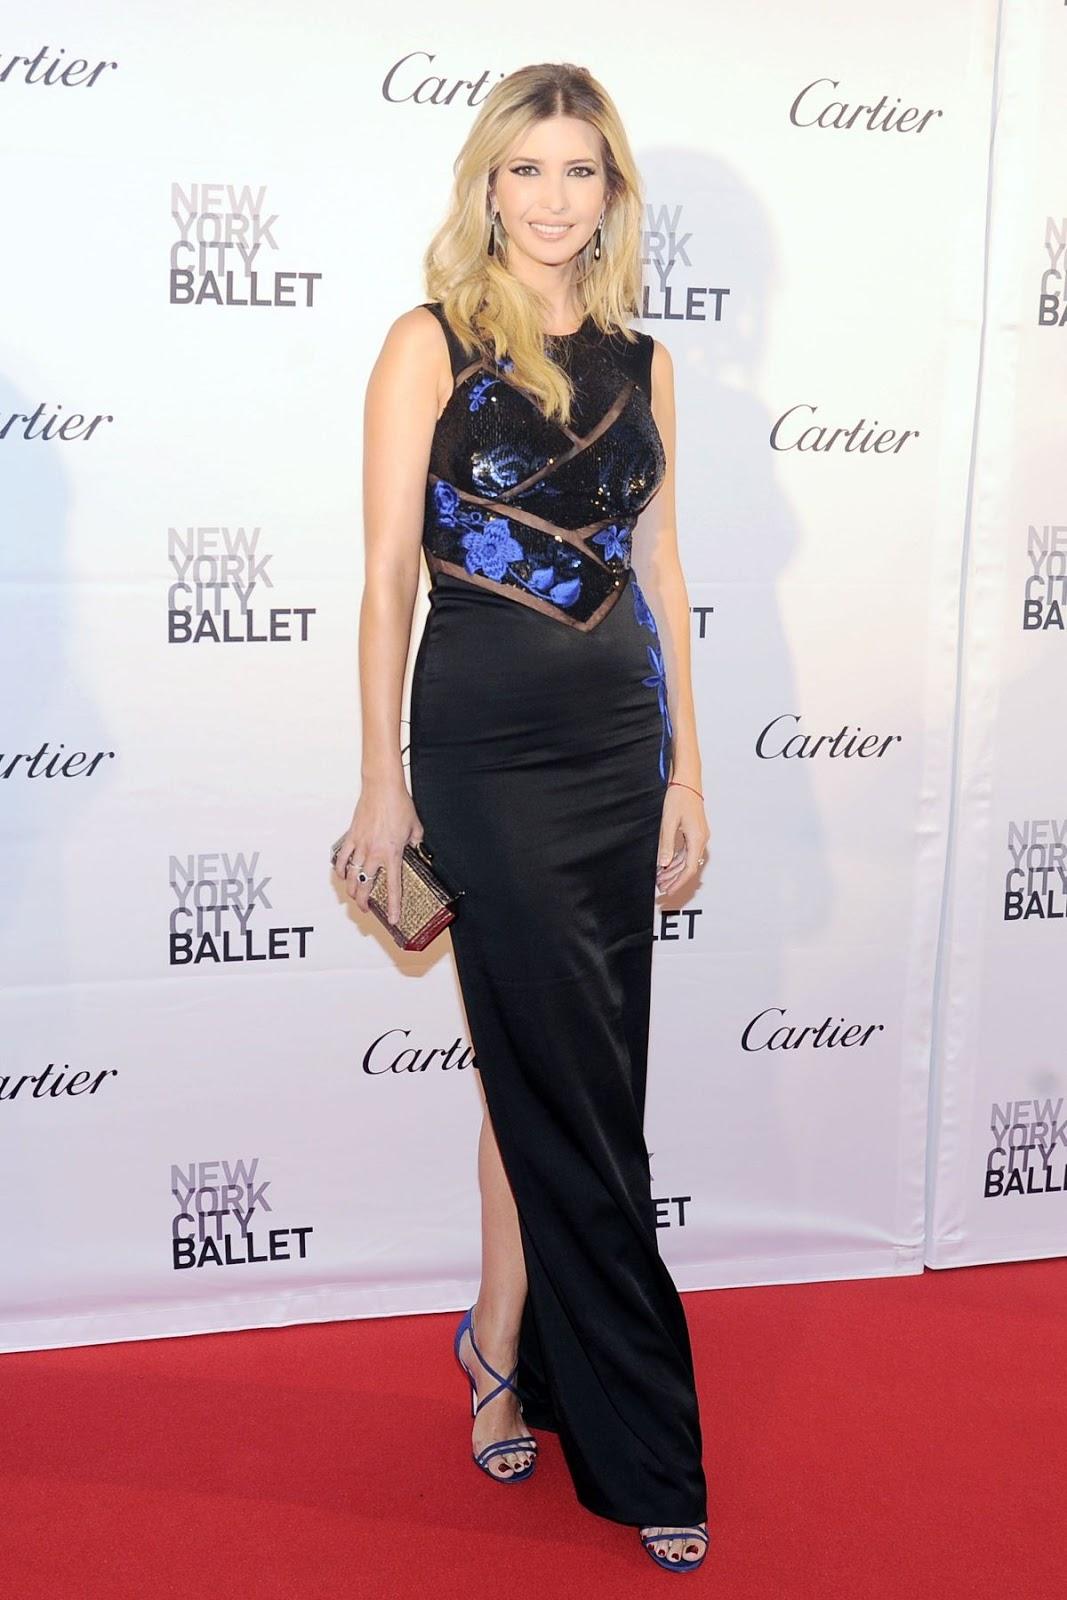 NYCB HQ Photos: Ivanka Trump at 2015 New York City Ballet Fall Gala in New York